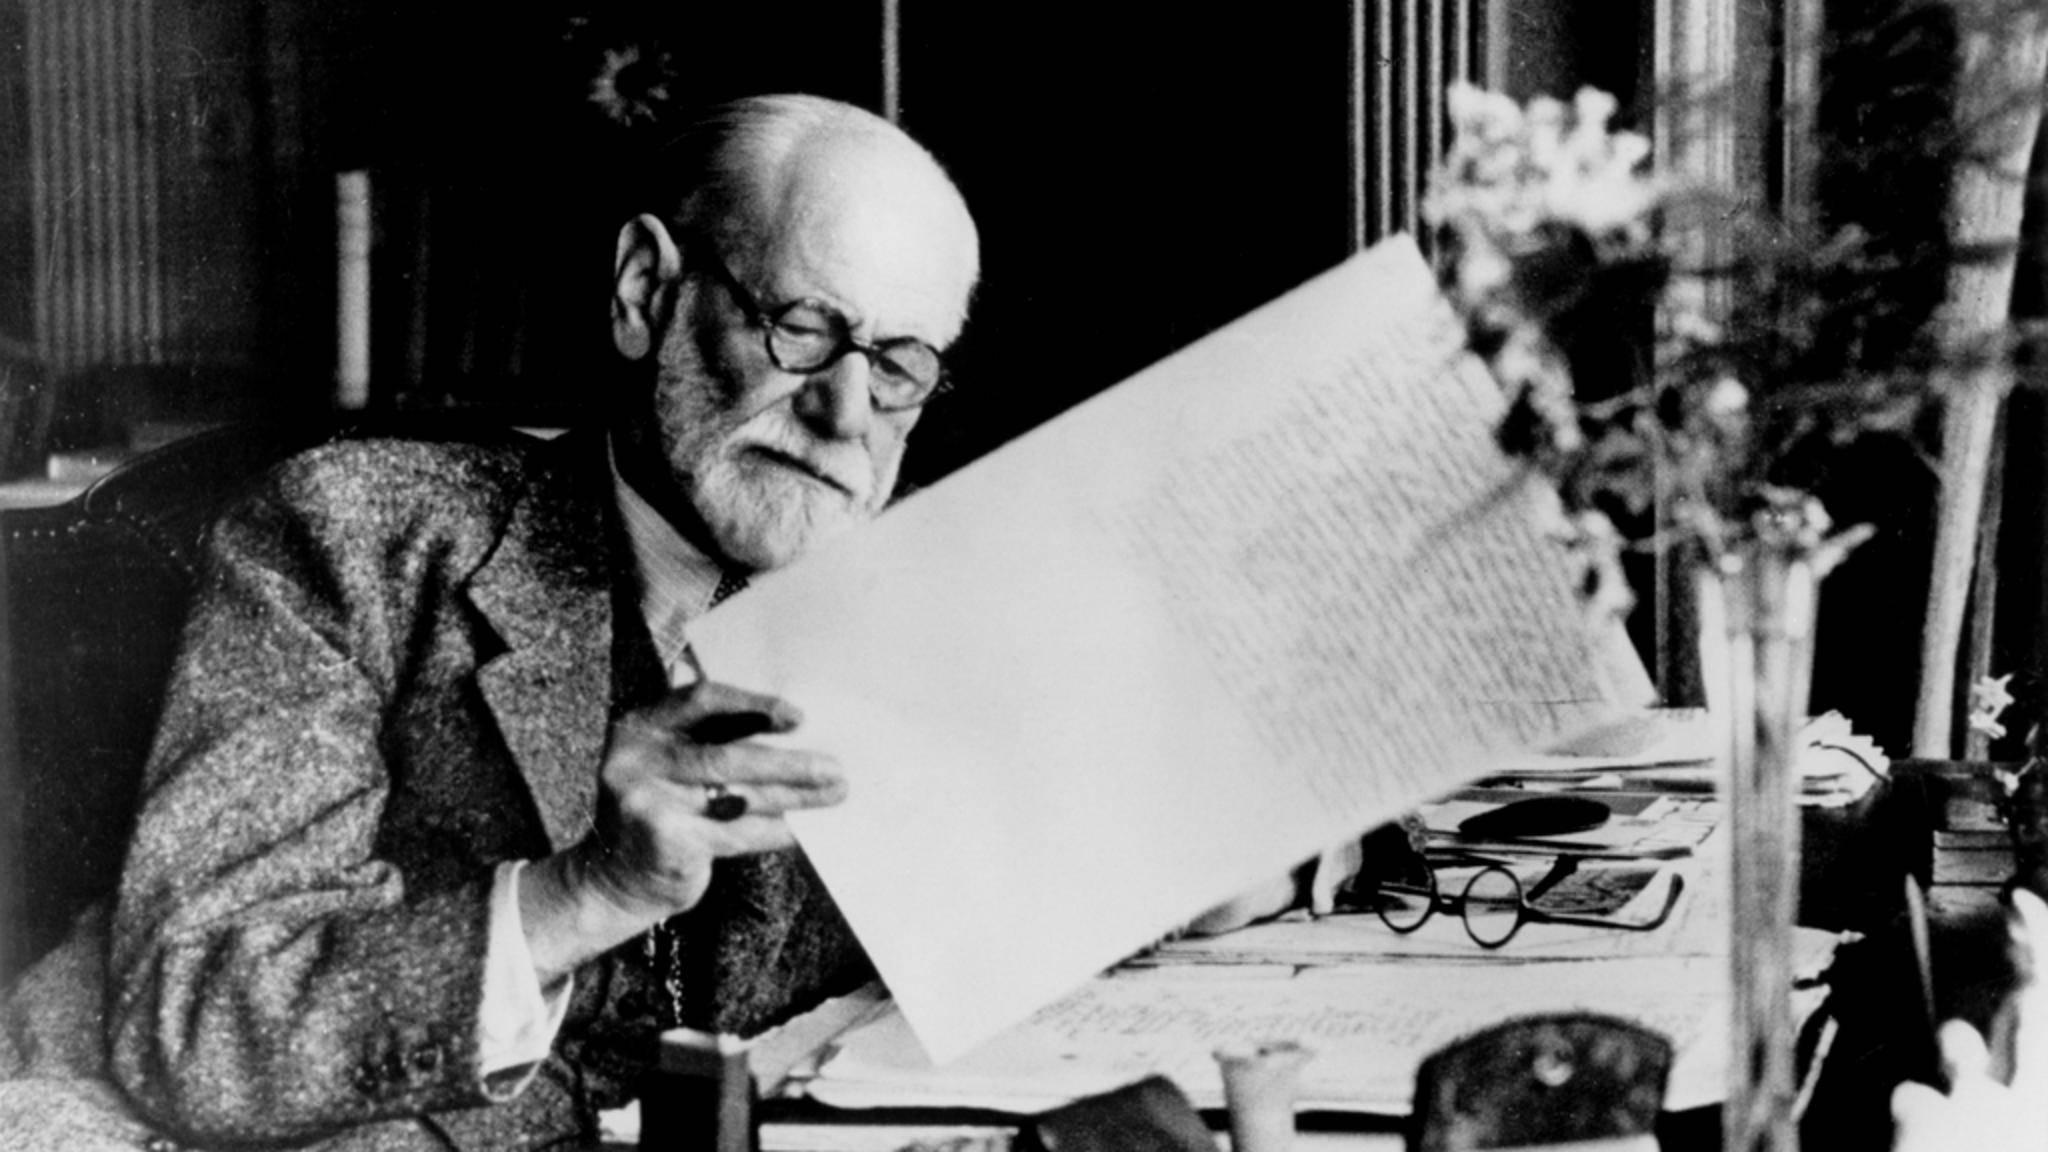 Sigmund Freud gilt als einer der einflussreichsten Tiefenpsychologen des 20. Jahrhunderts.